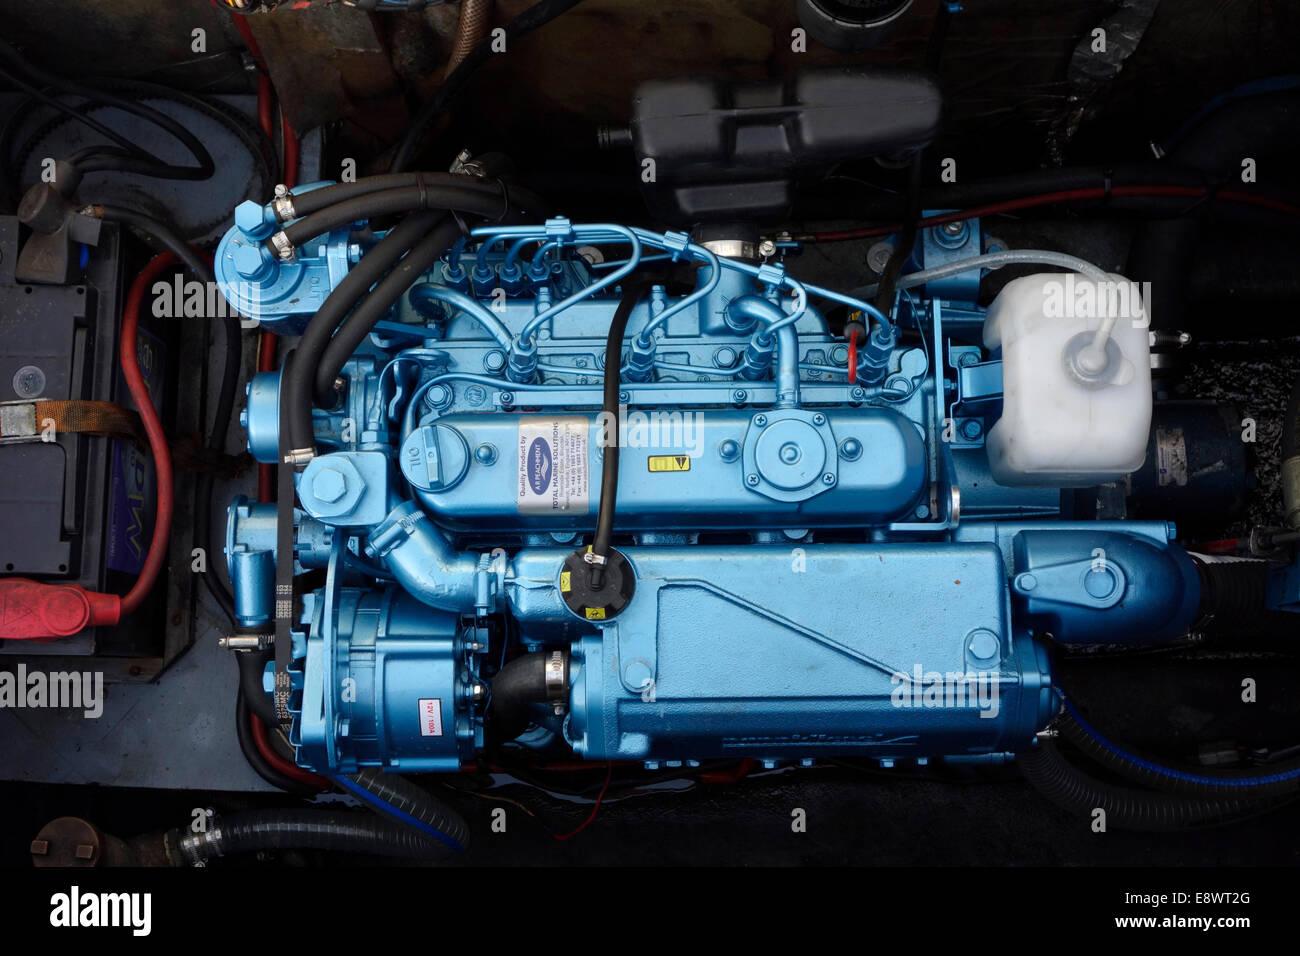 Nuovo motore entrobordo motore cruiser Immagini Stock